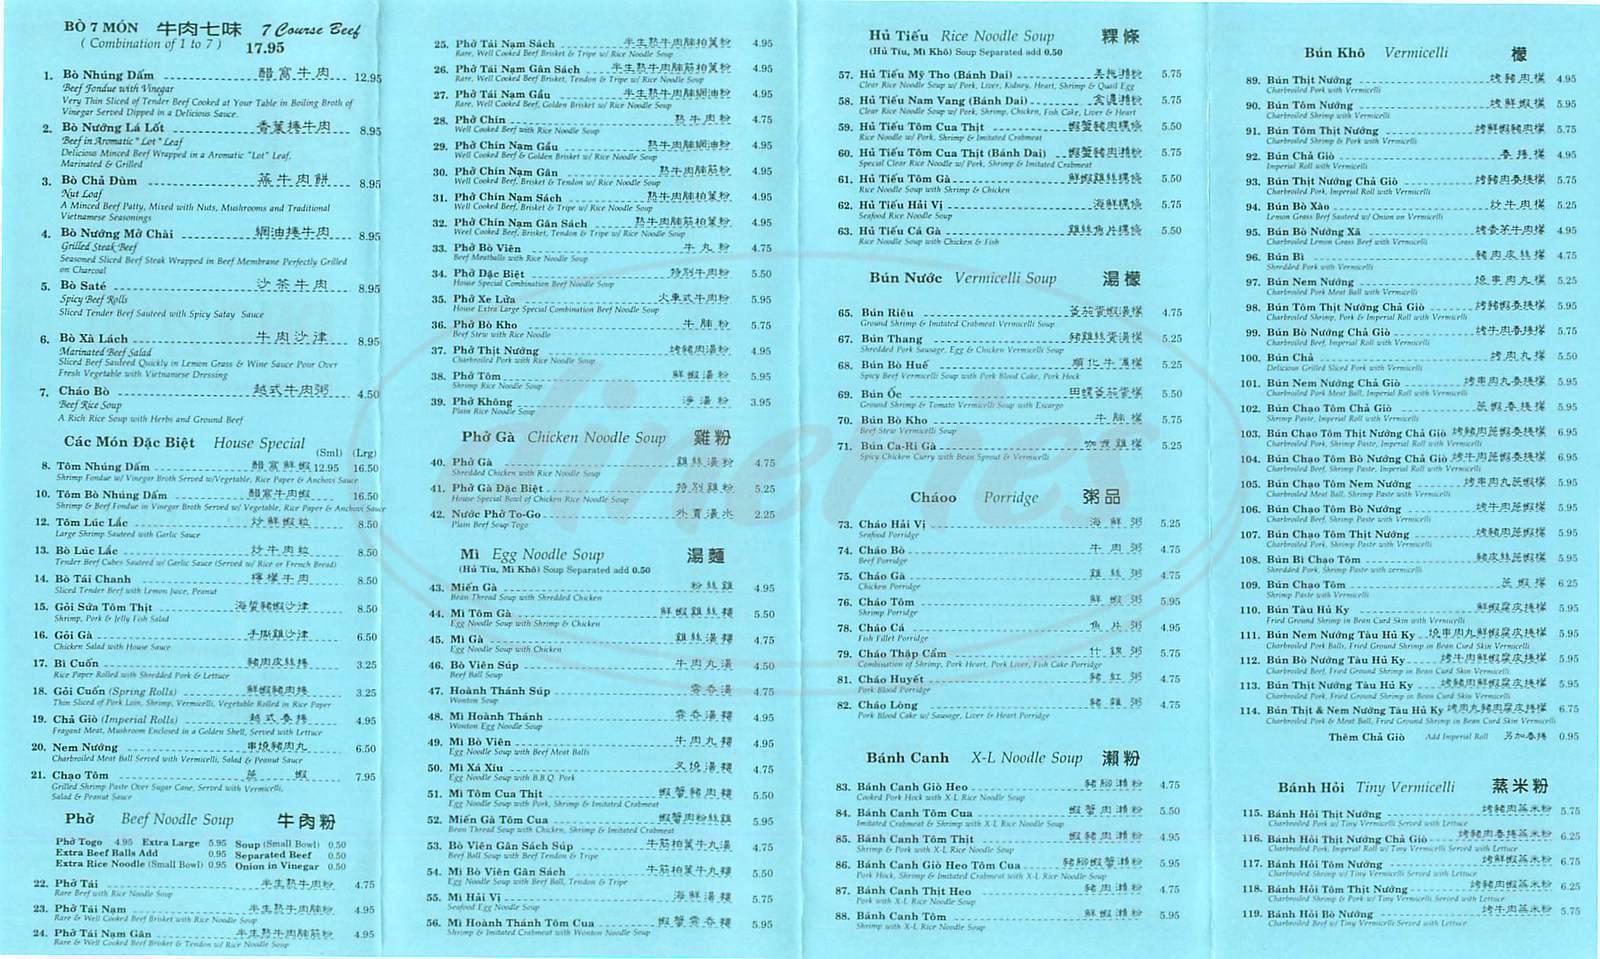 menu for Pho 79